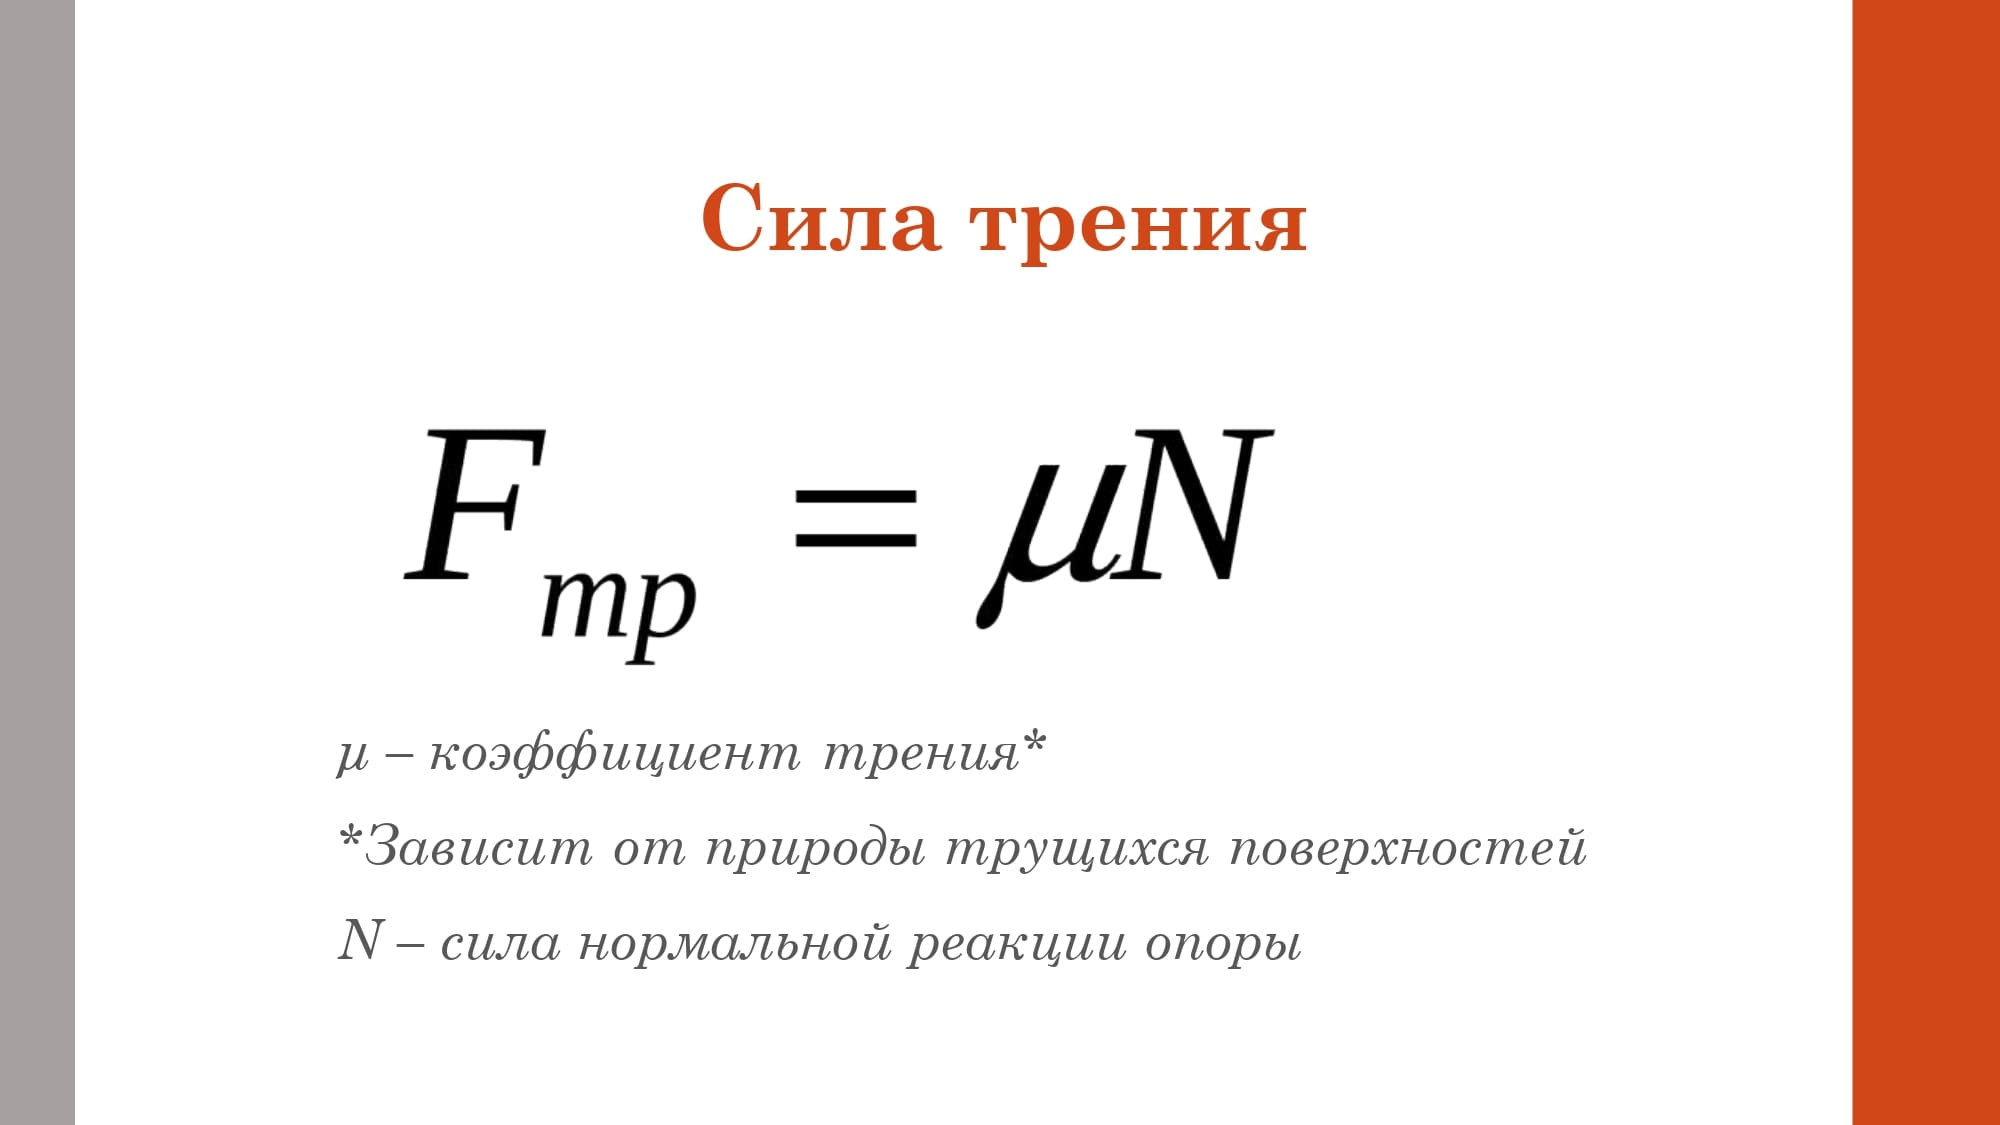 Сила трения. Формула